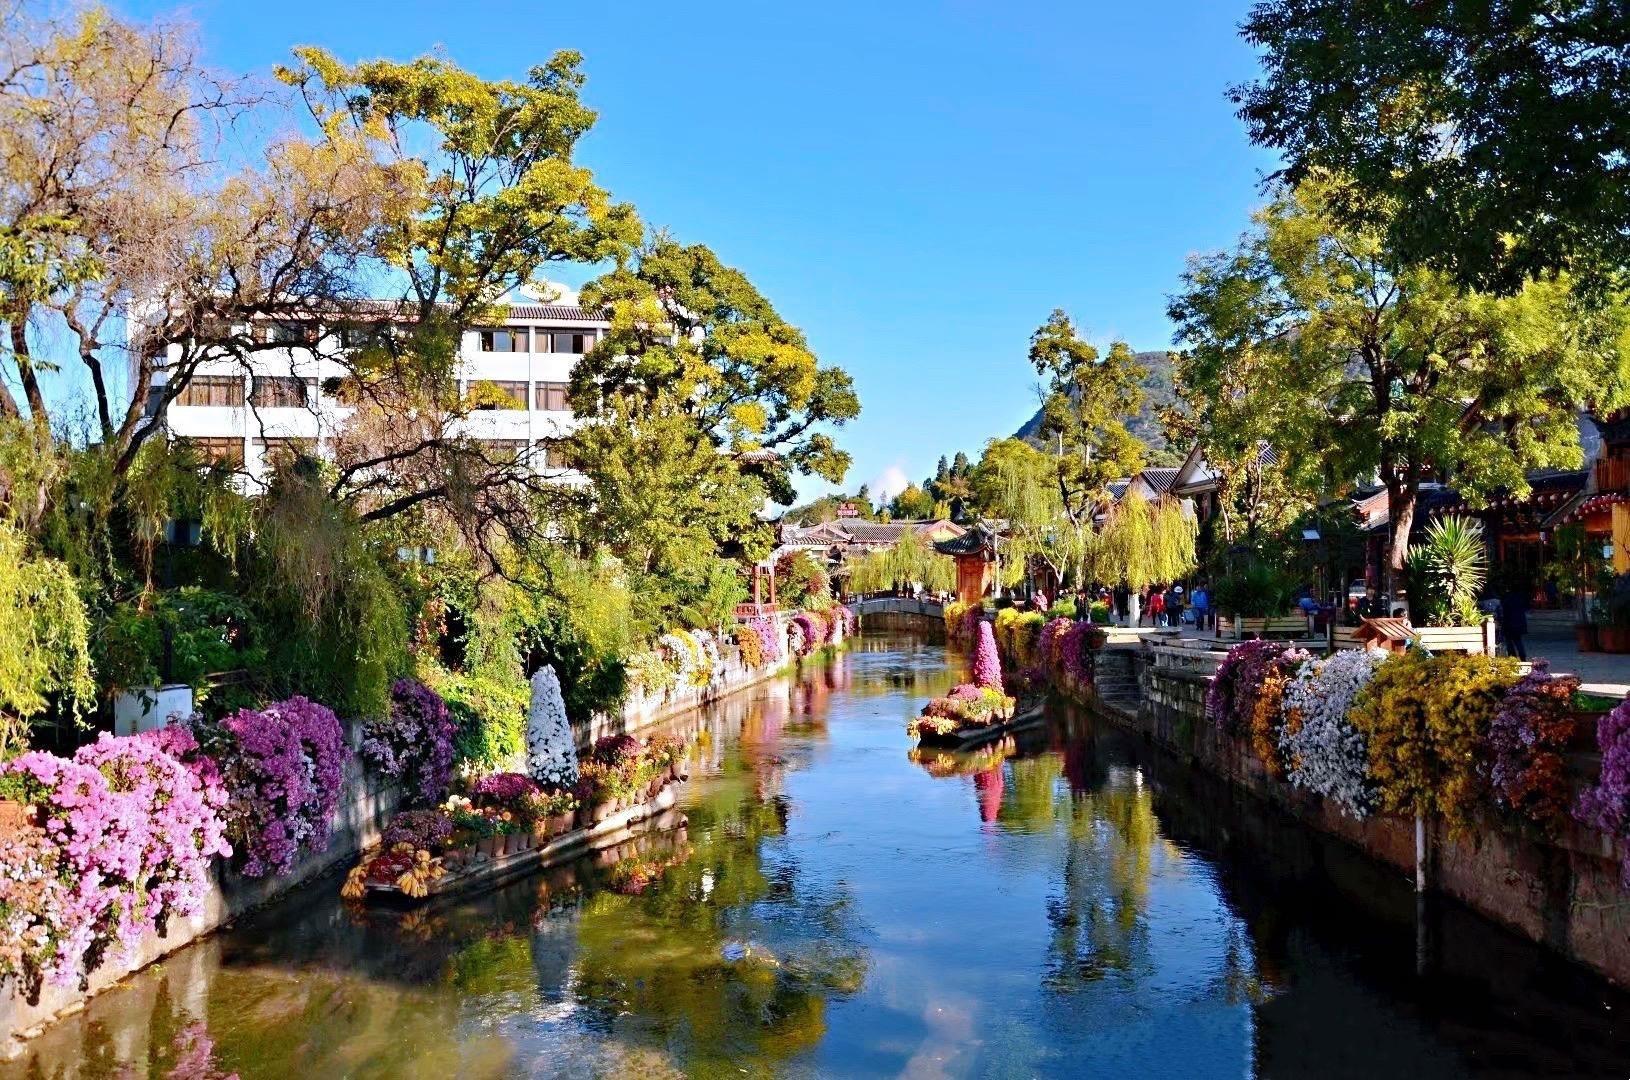 丽江古城,无处不在的小桥、流水、青石板,古色古香土木结构的房屋